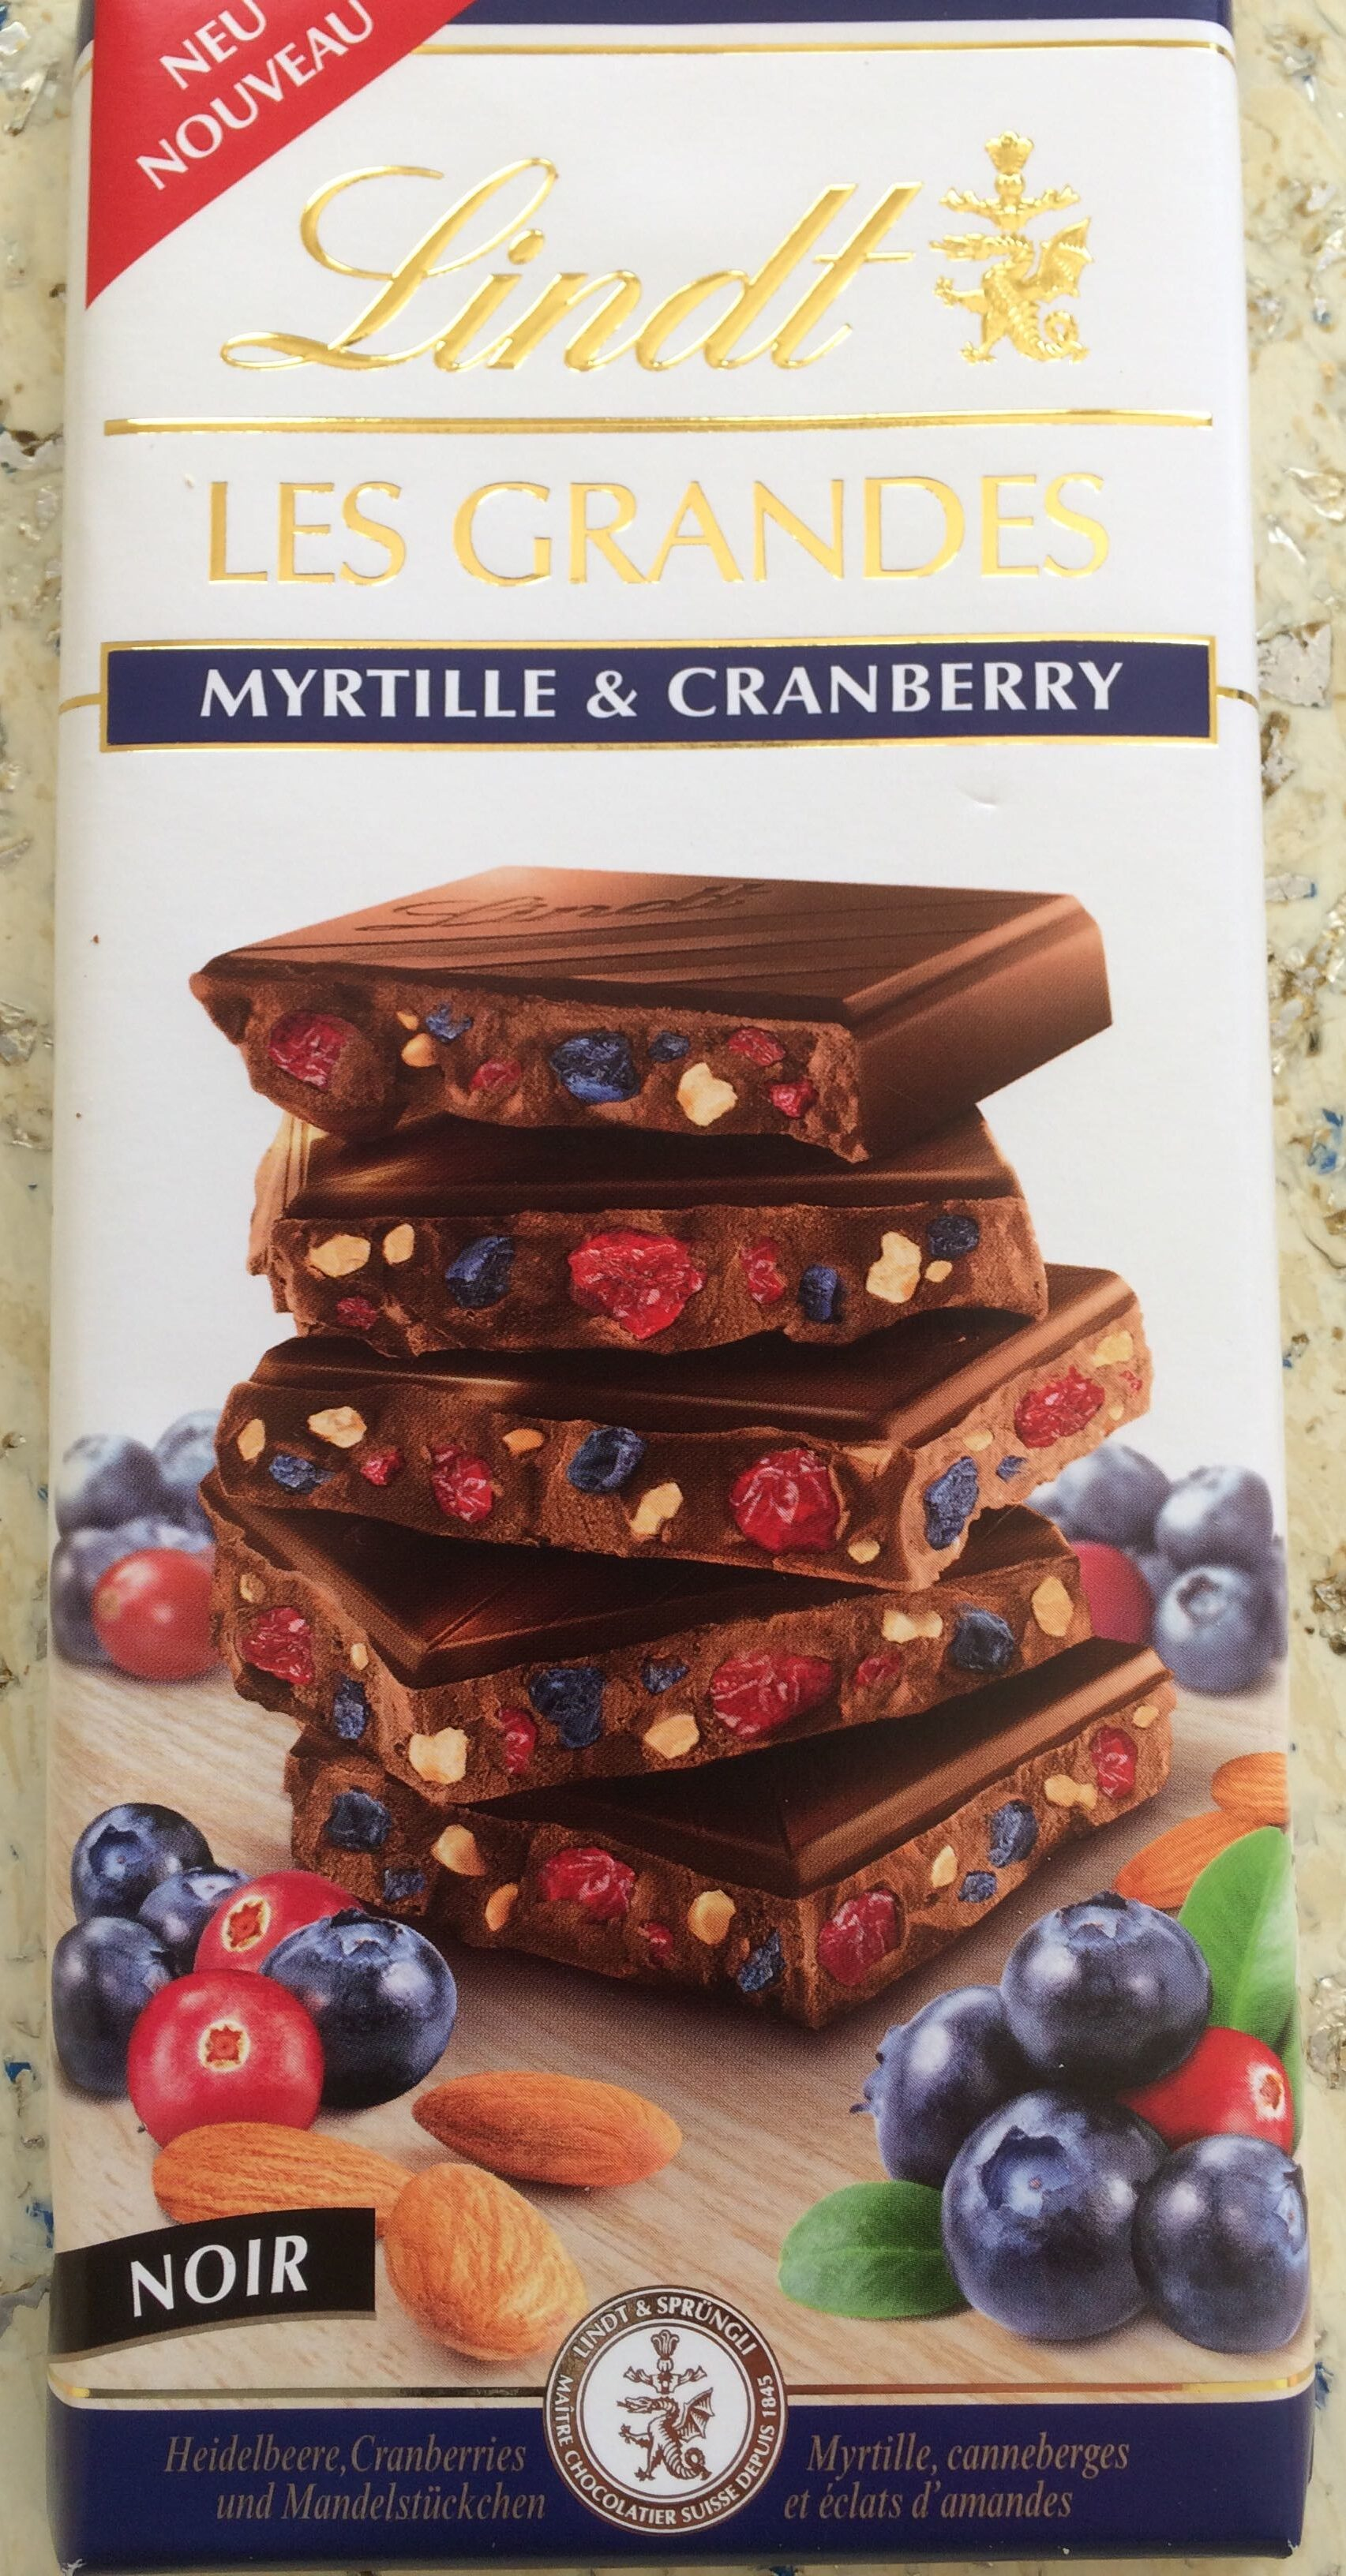 Lindt Les Grandes Myrtille - Producto